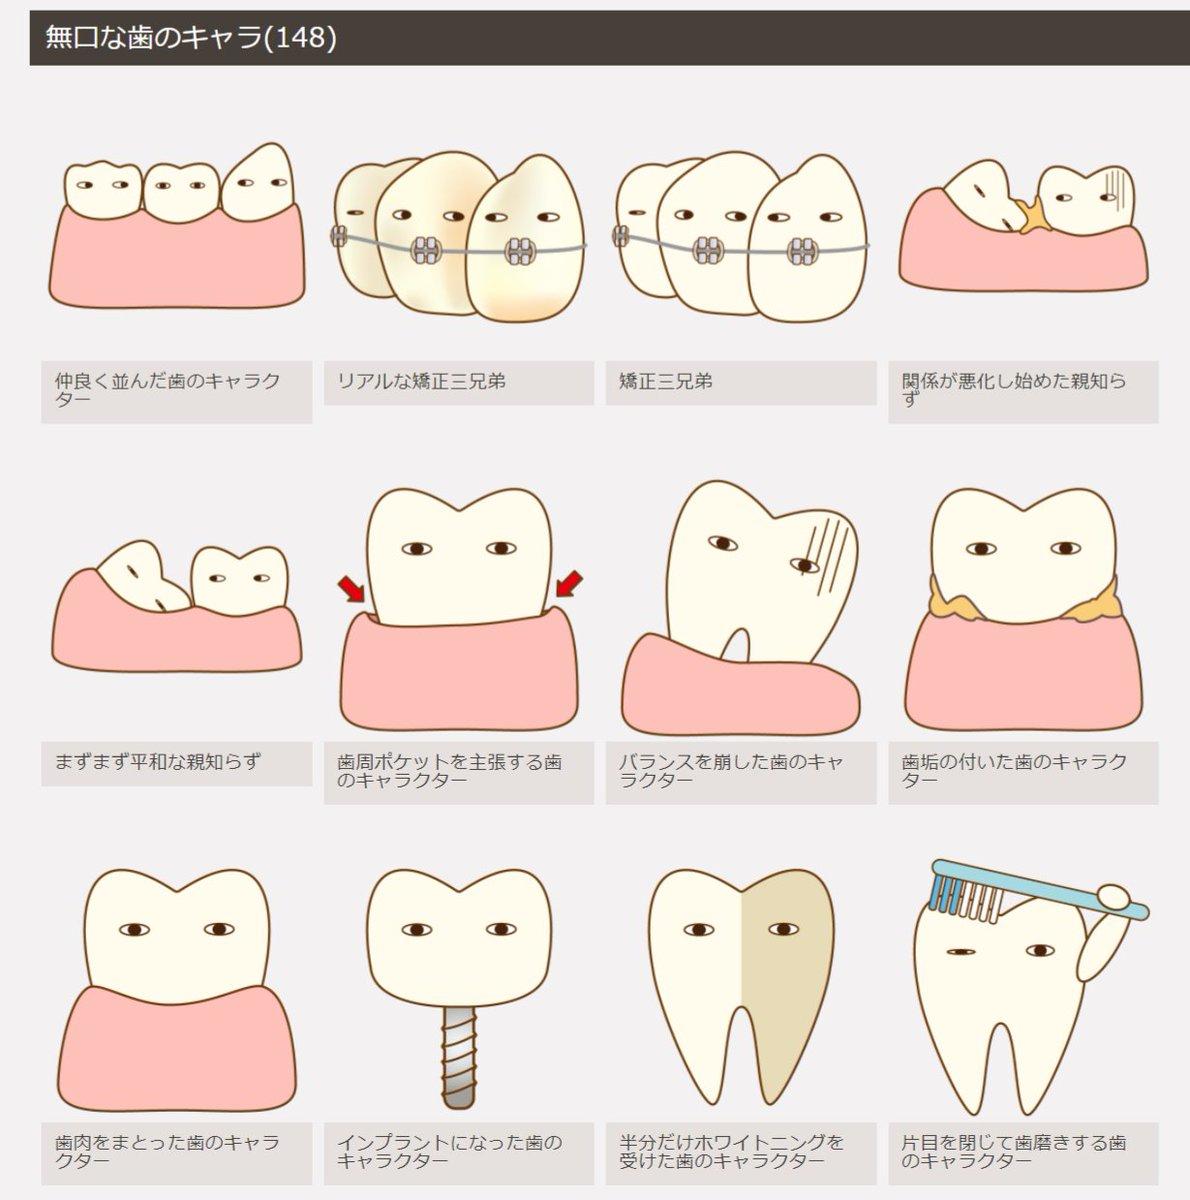 歯科素材.comっていう歯専門のフリー素材があるのを初めて知った